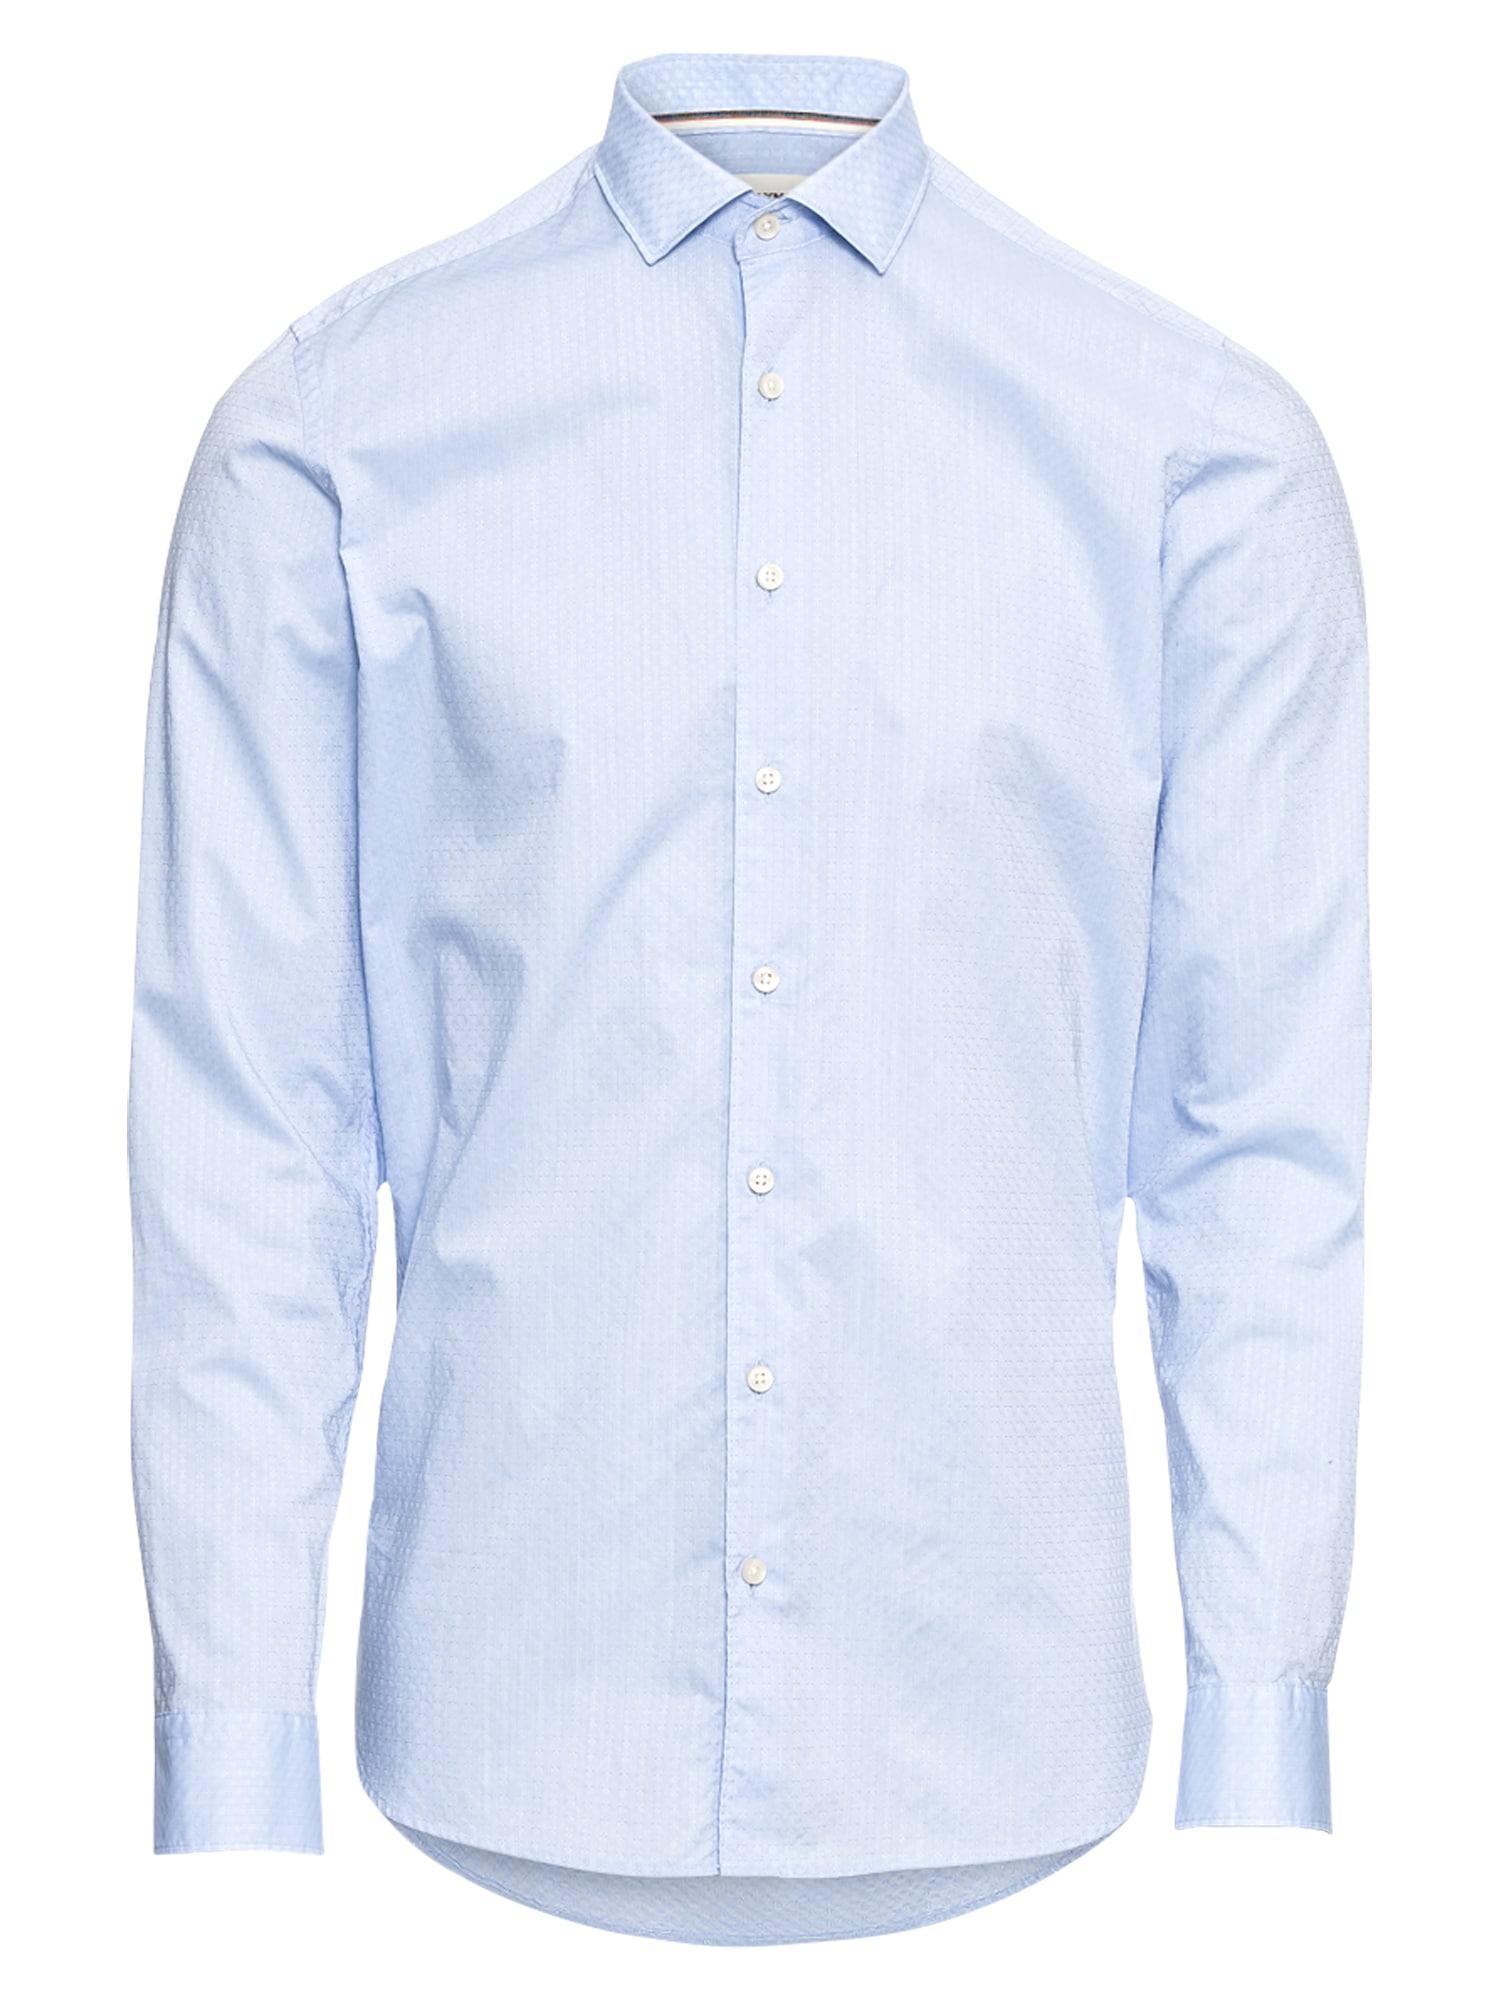 Společenská košile Level 5 Smart Business Struktur modrá OLYMP